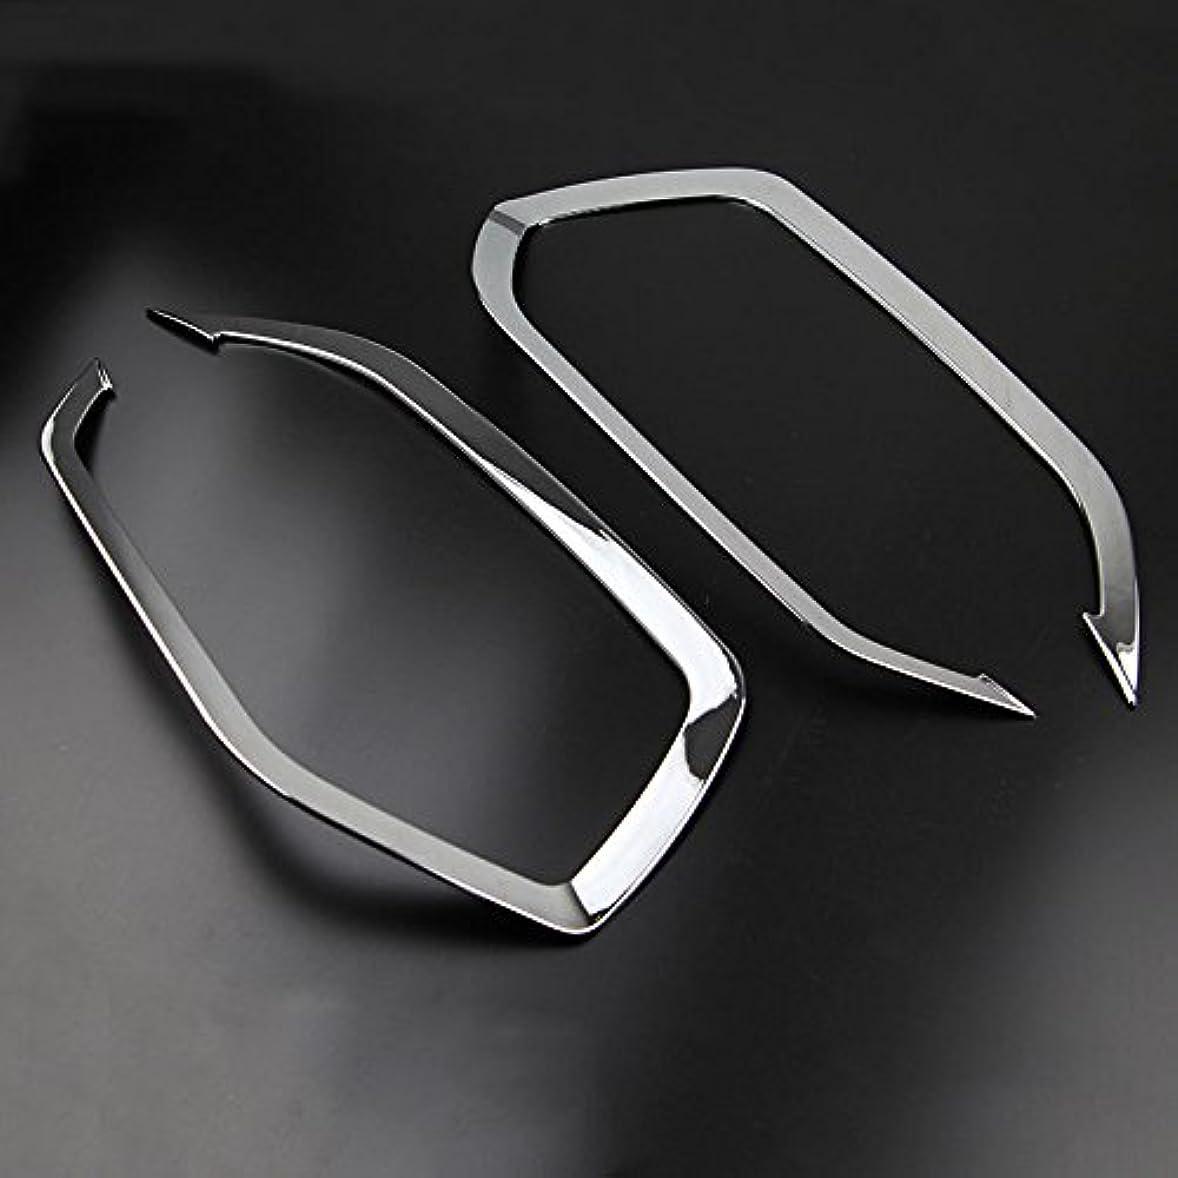 良心的変更可能音節Jicorzo - 2個ヒュンダイツーソン2016年から2017年カーアクセサリースタイリングのために車クロームフロントフォグヘッドライトカバートリムカーランプモールディング